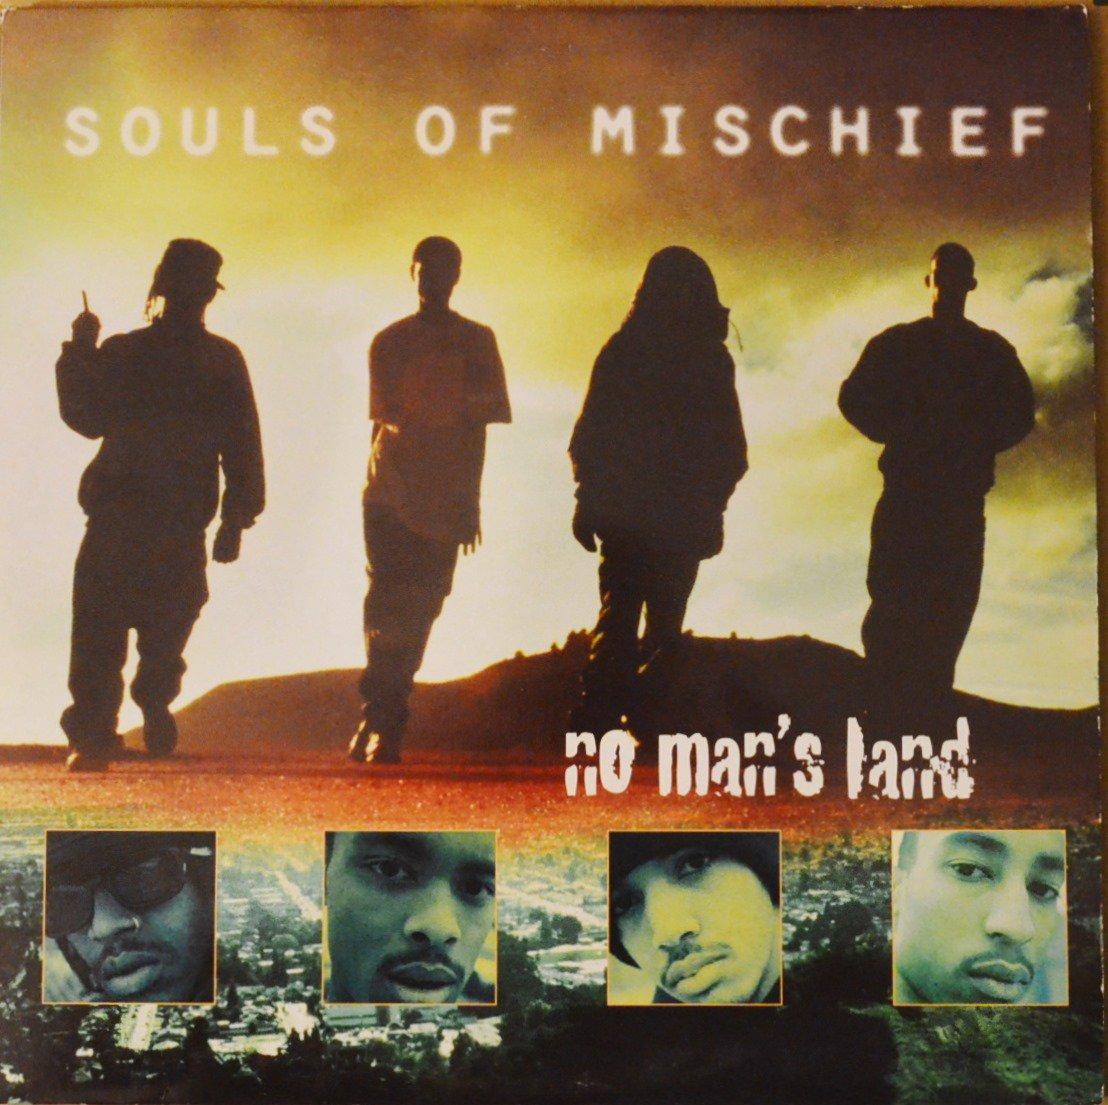 SOULS OF MISCHIEF / NO MAN'S LAND (2LP)